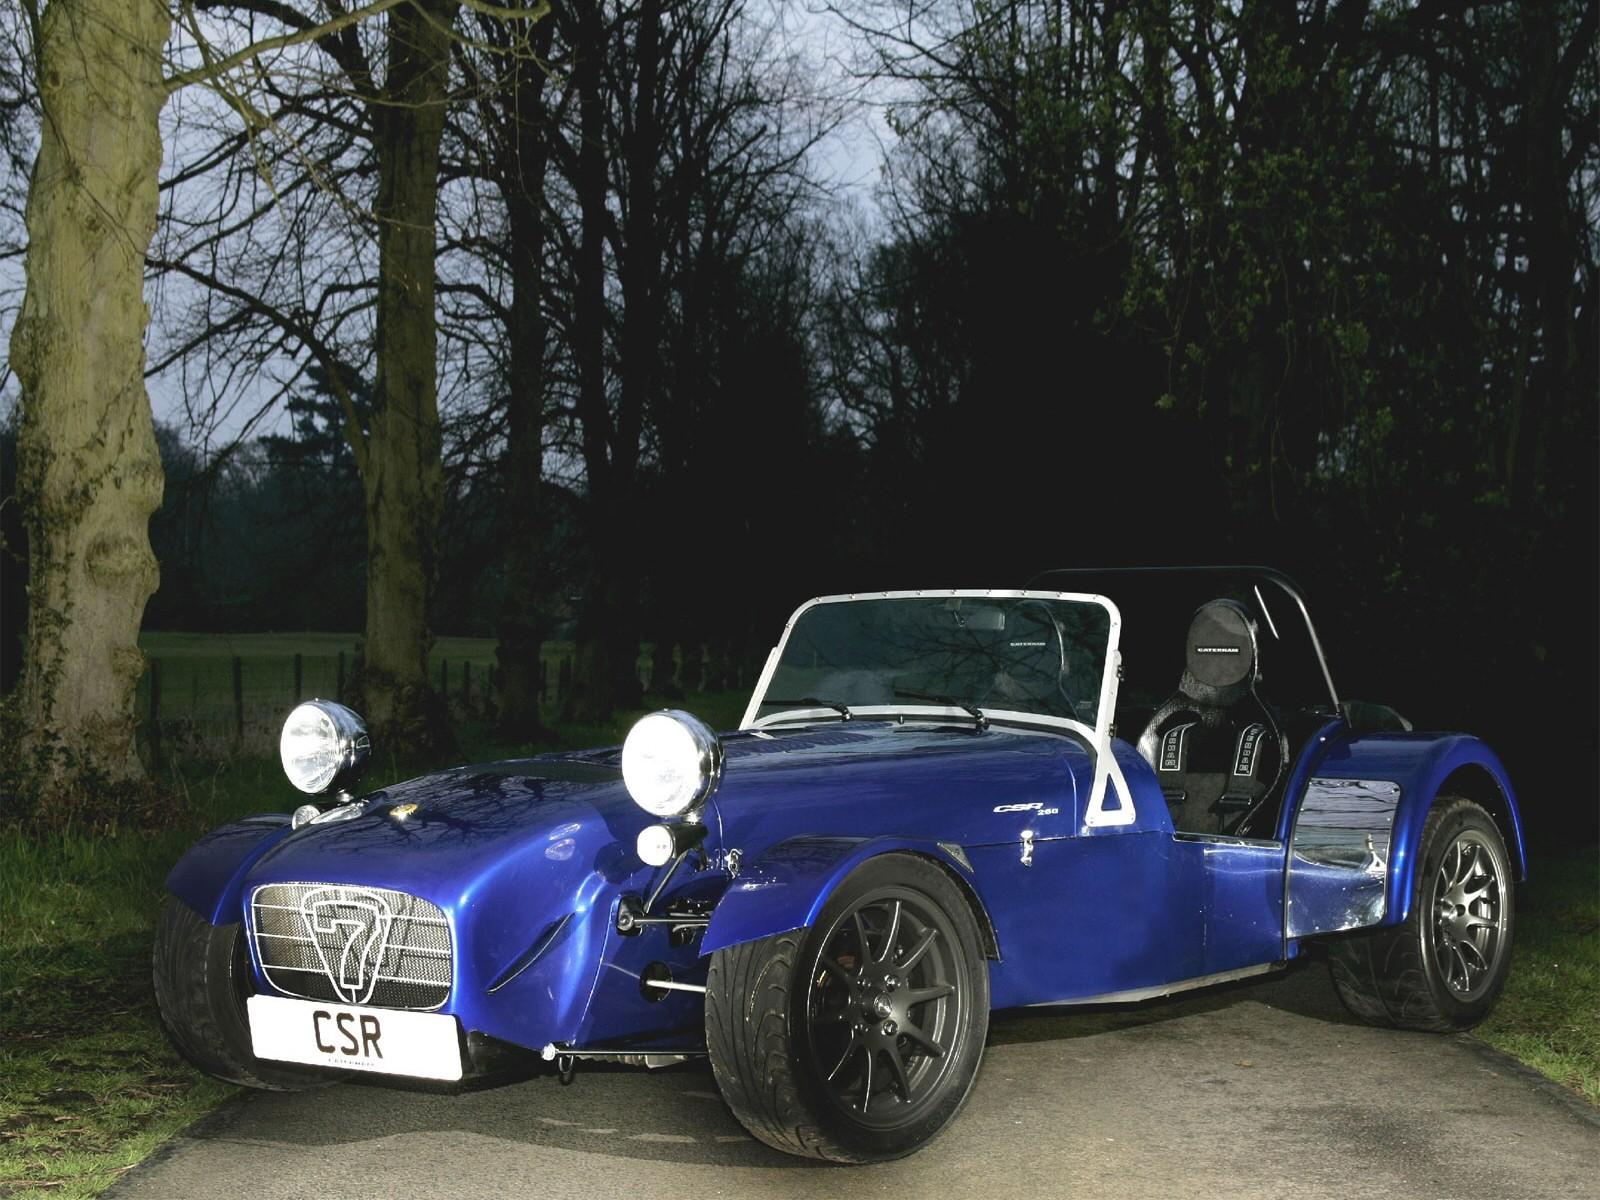 2005 Caterham_Seven CSR 260